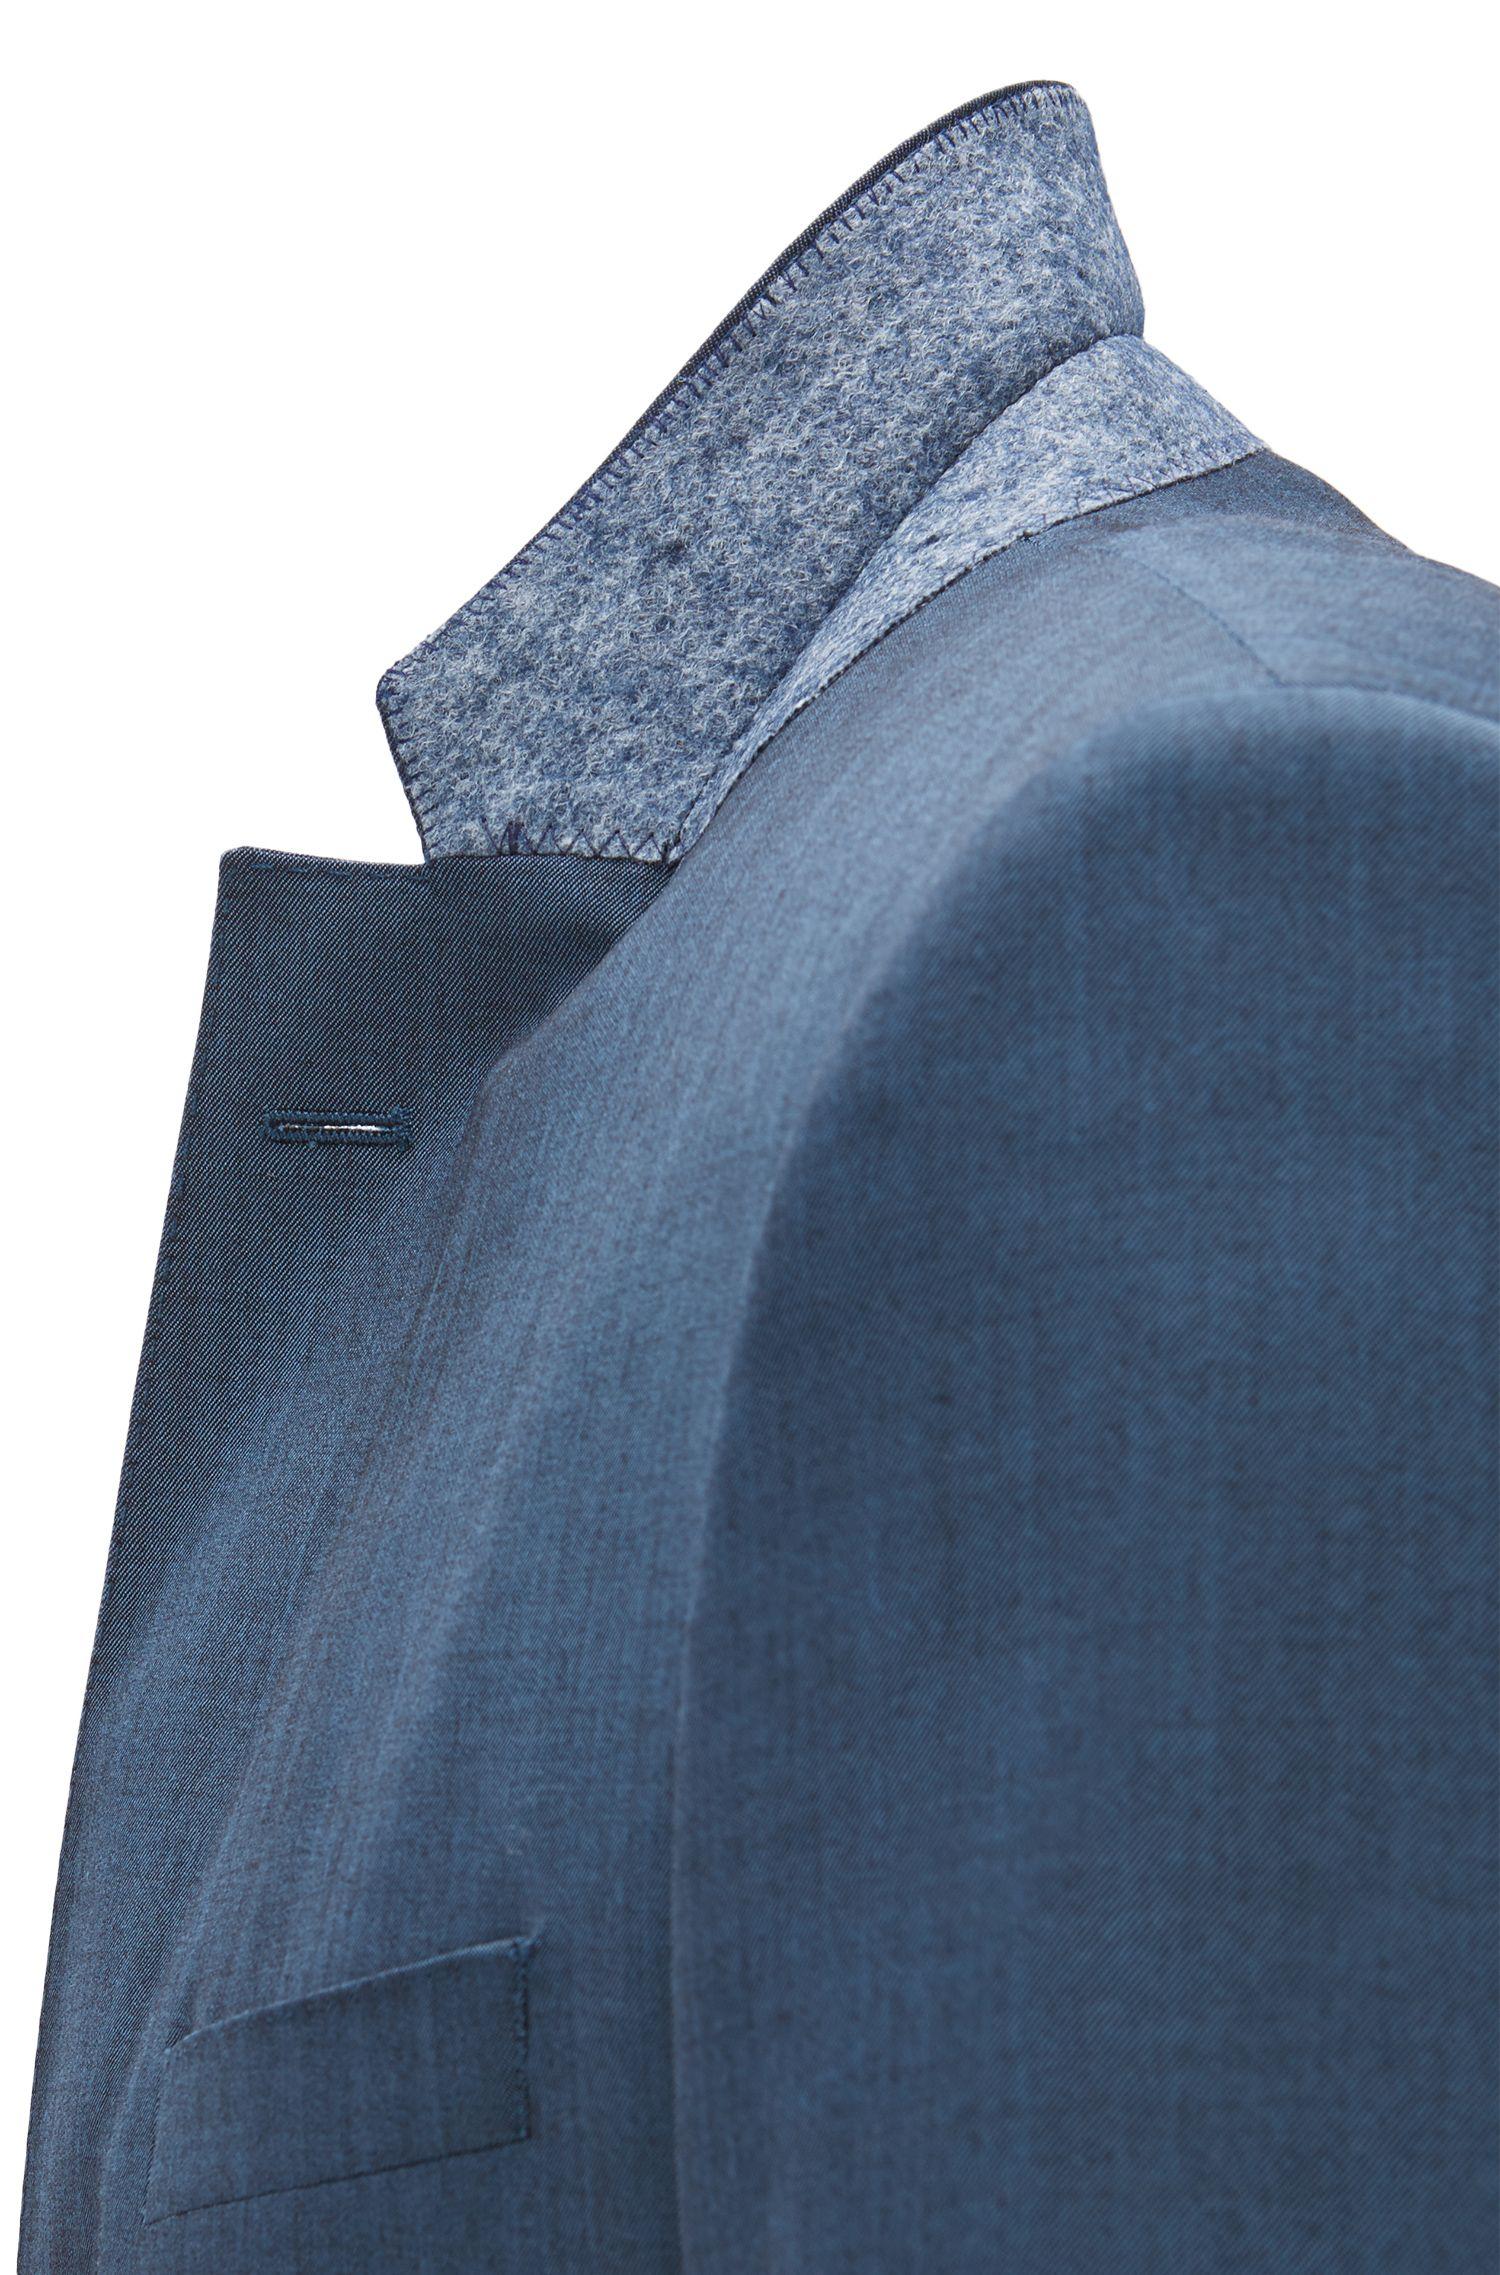 Italian Virgin Wool Suit, Slim Fit | Huge/Genius, Turquoise